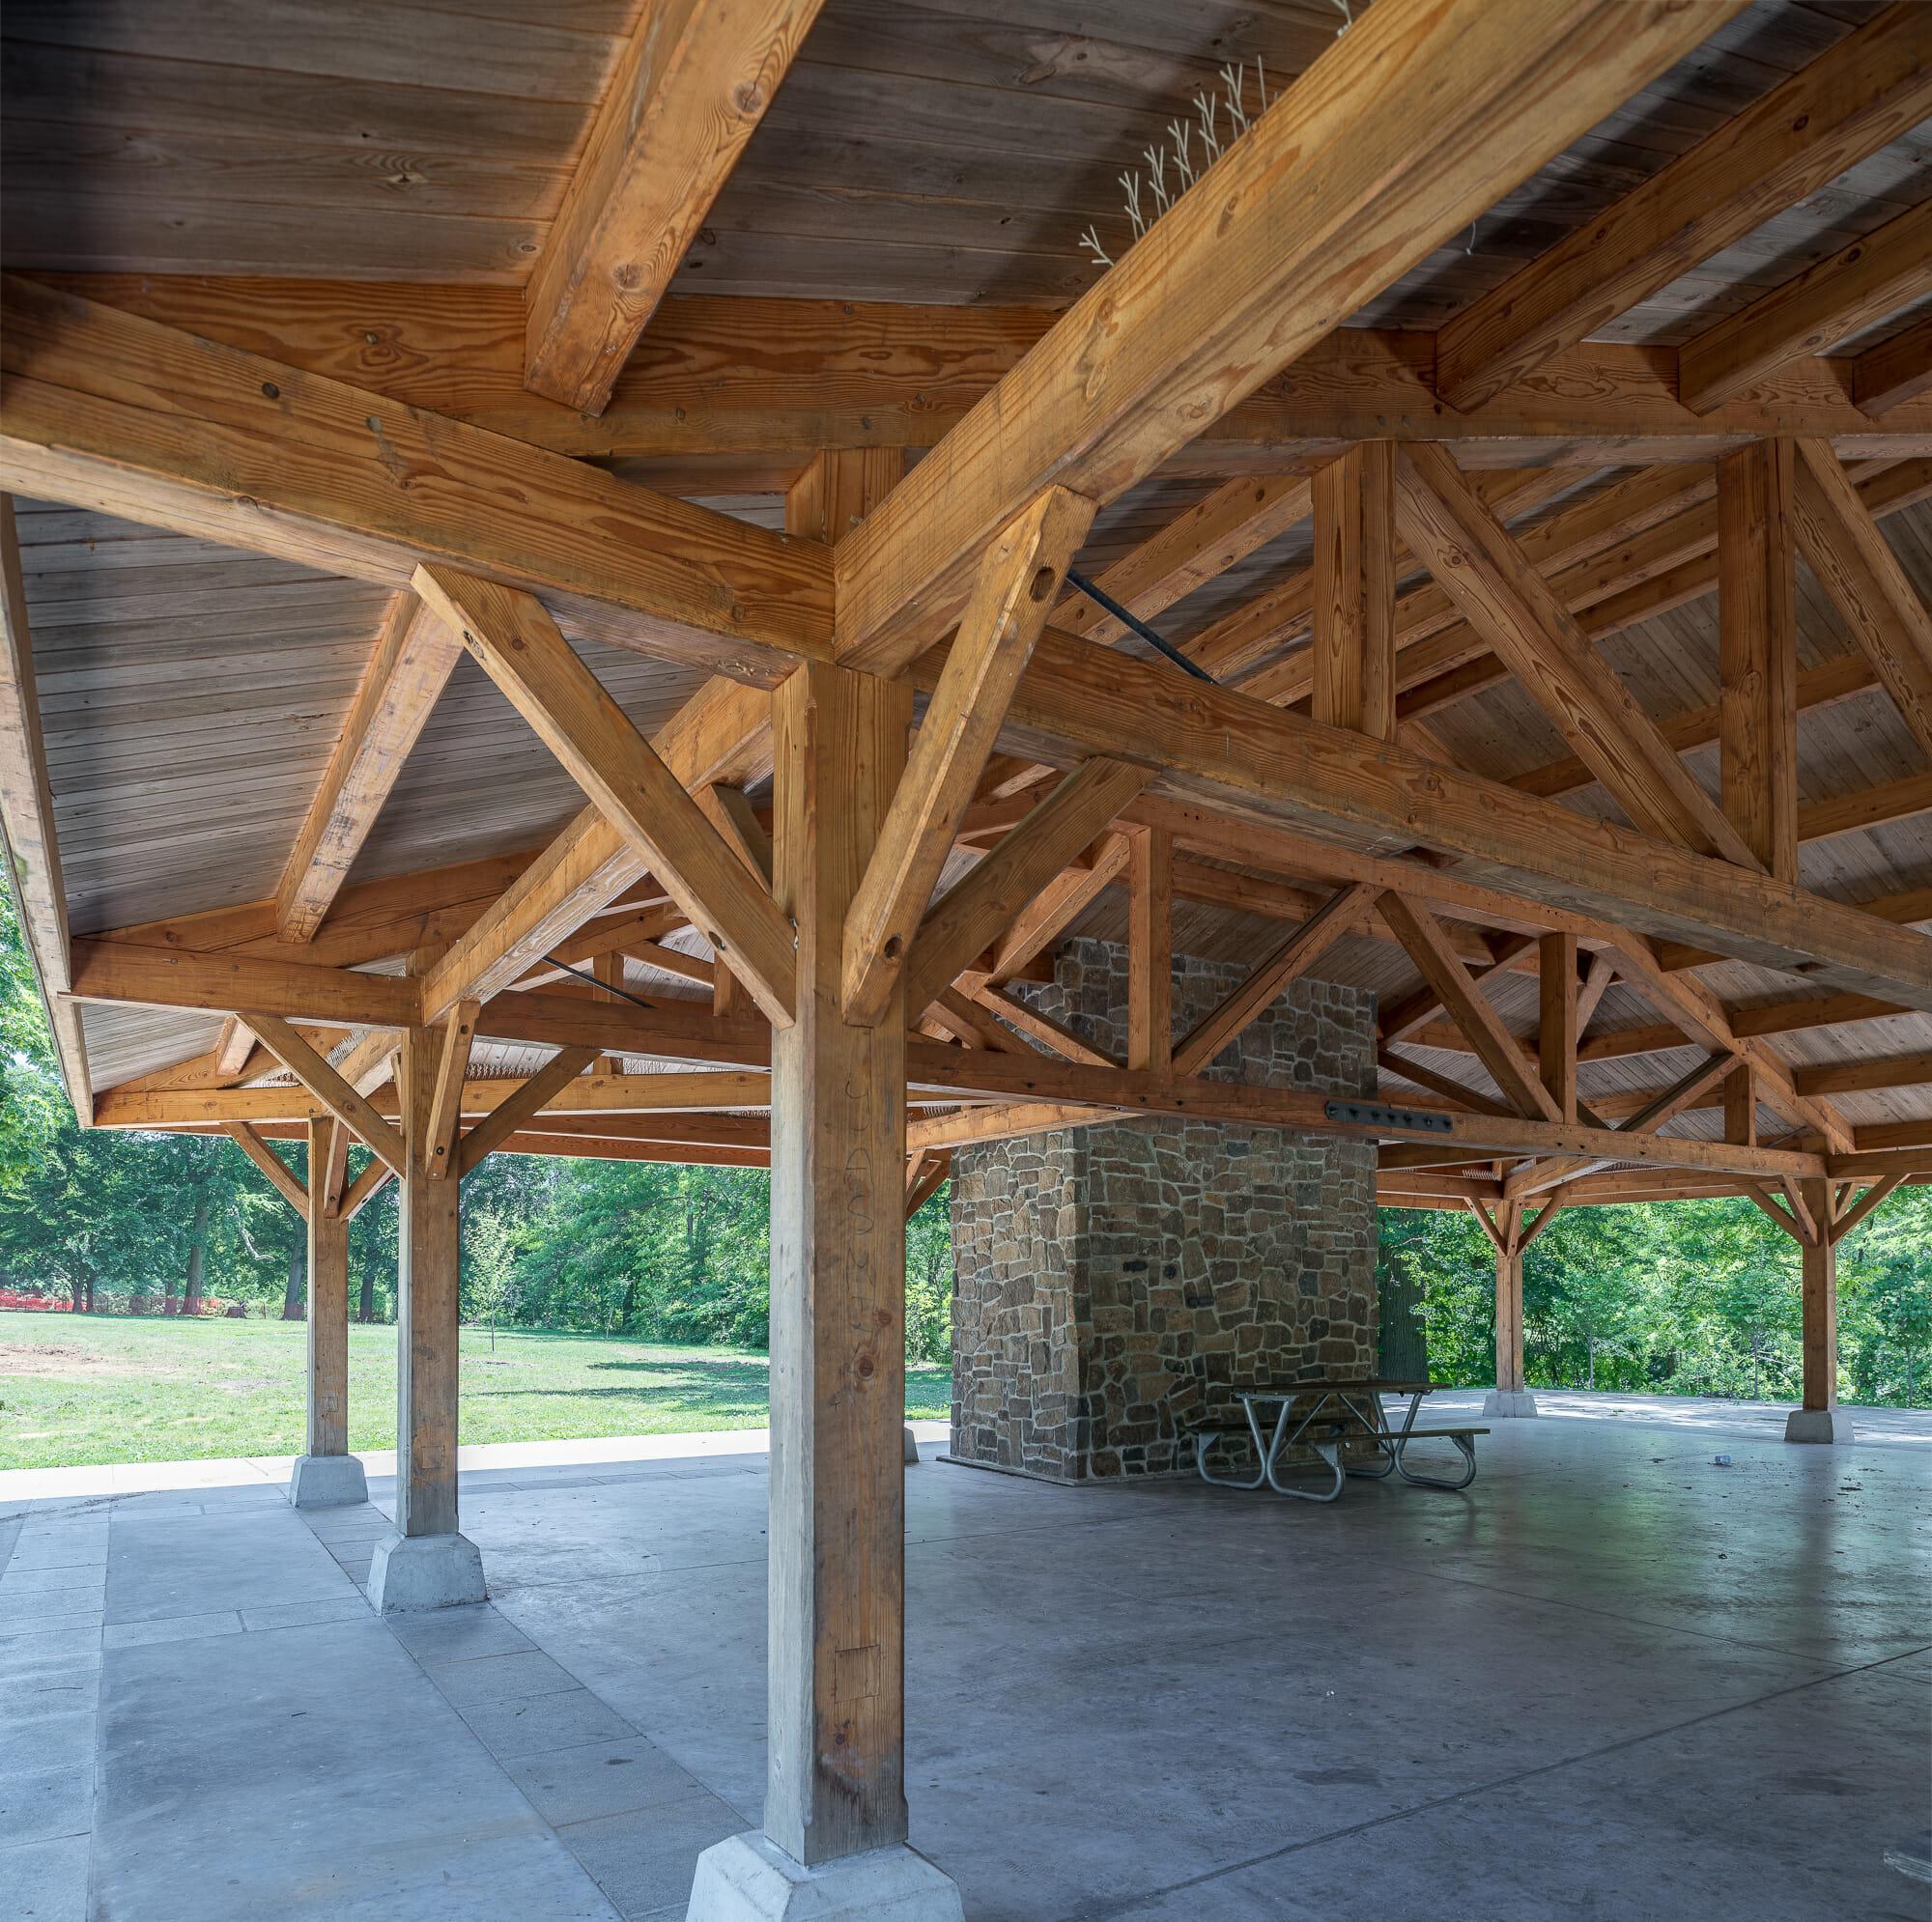 Cadwalader Park: Douglas Fir Pavilion